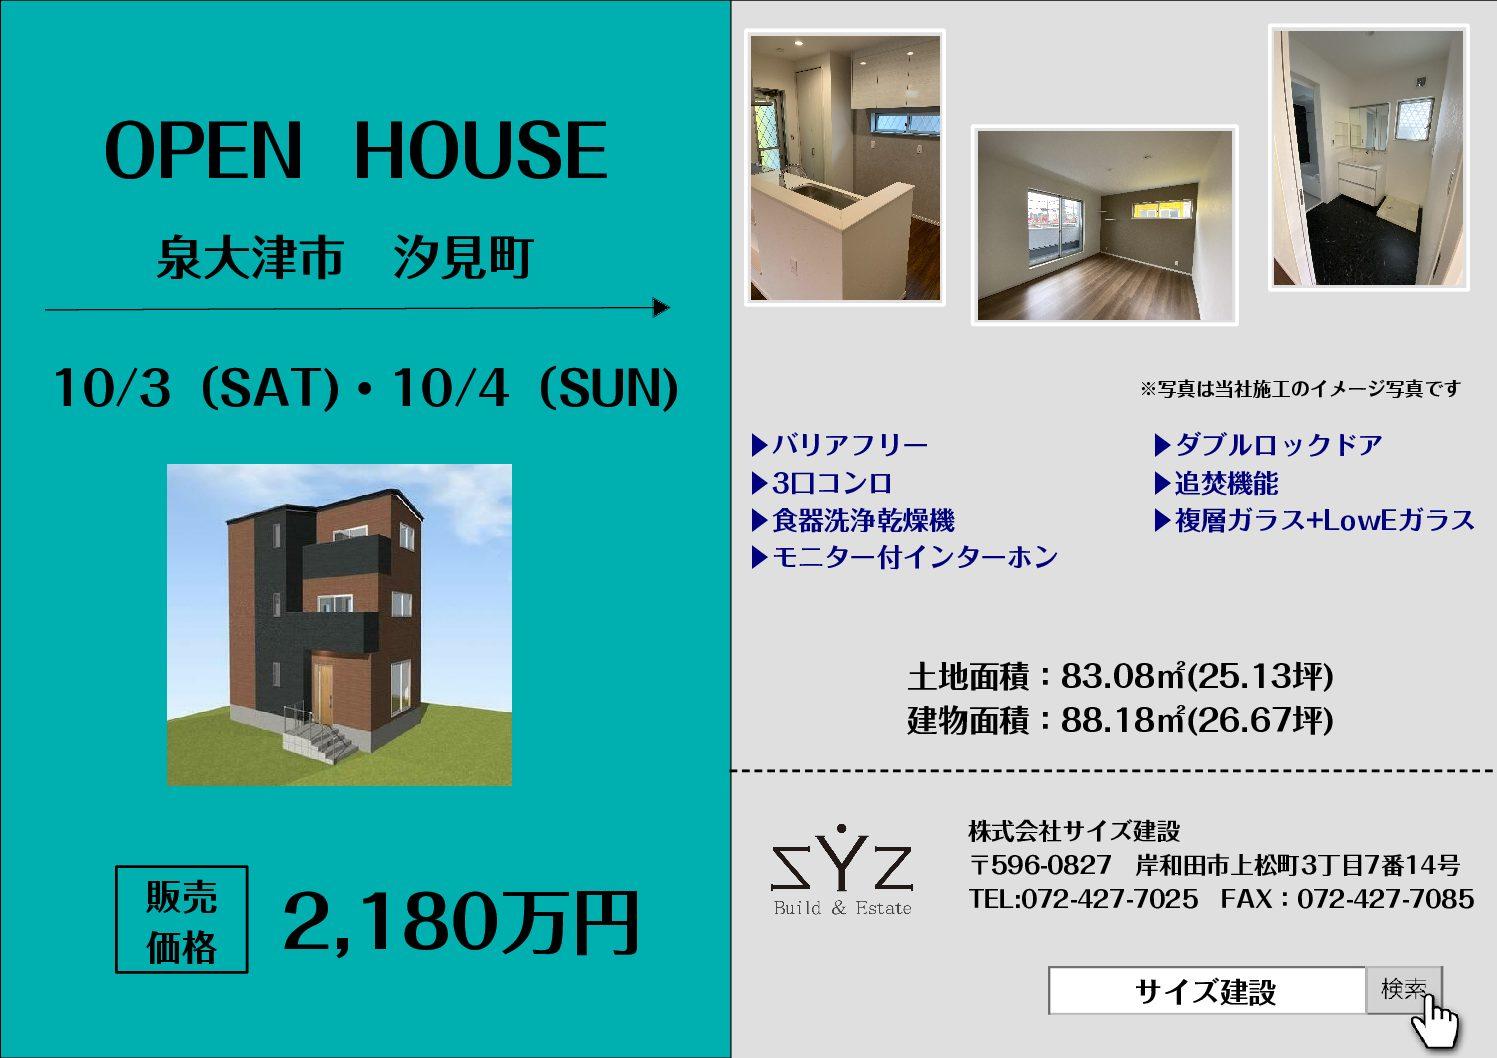 泉大津市汐見町 新築戸建てオープンハウス